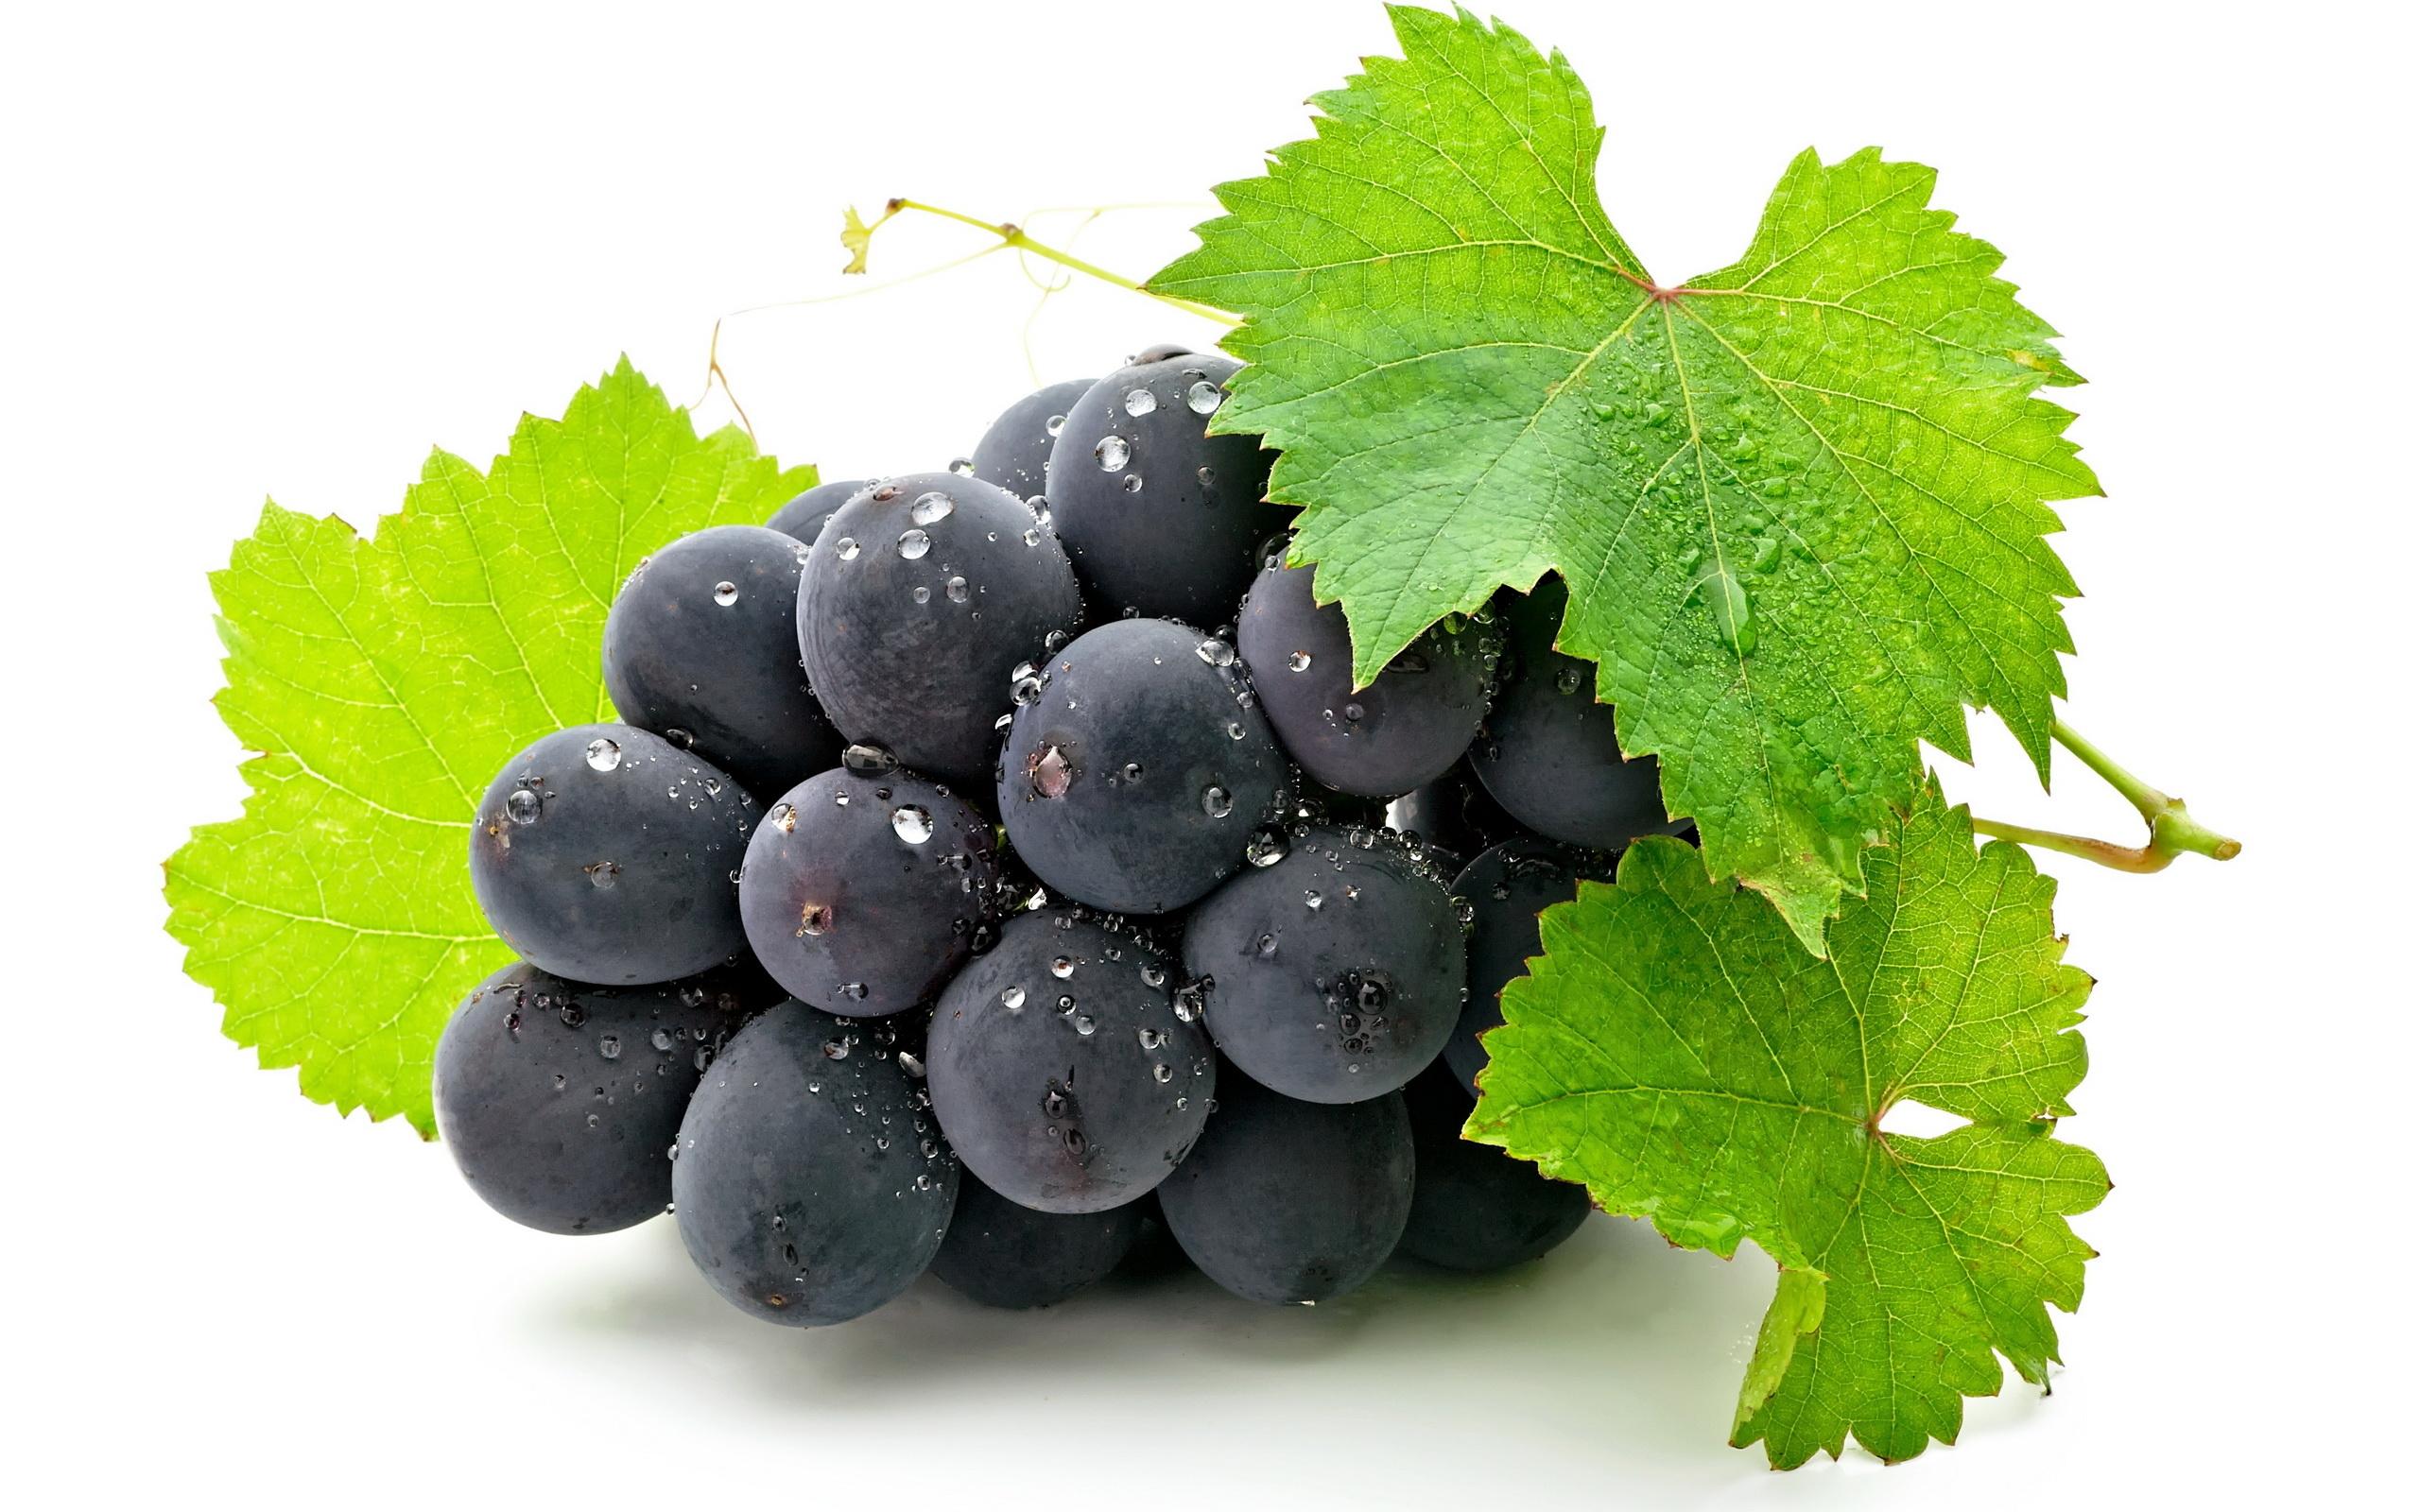 Чем полезен виноград для организма Виноград польза и вред